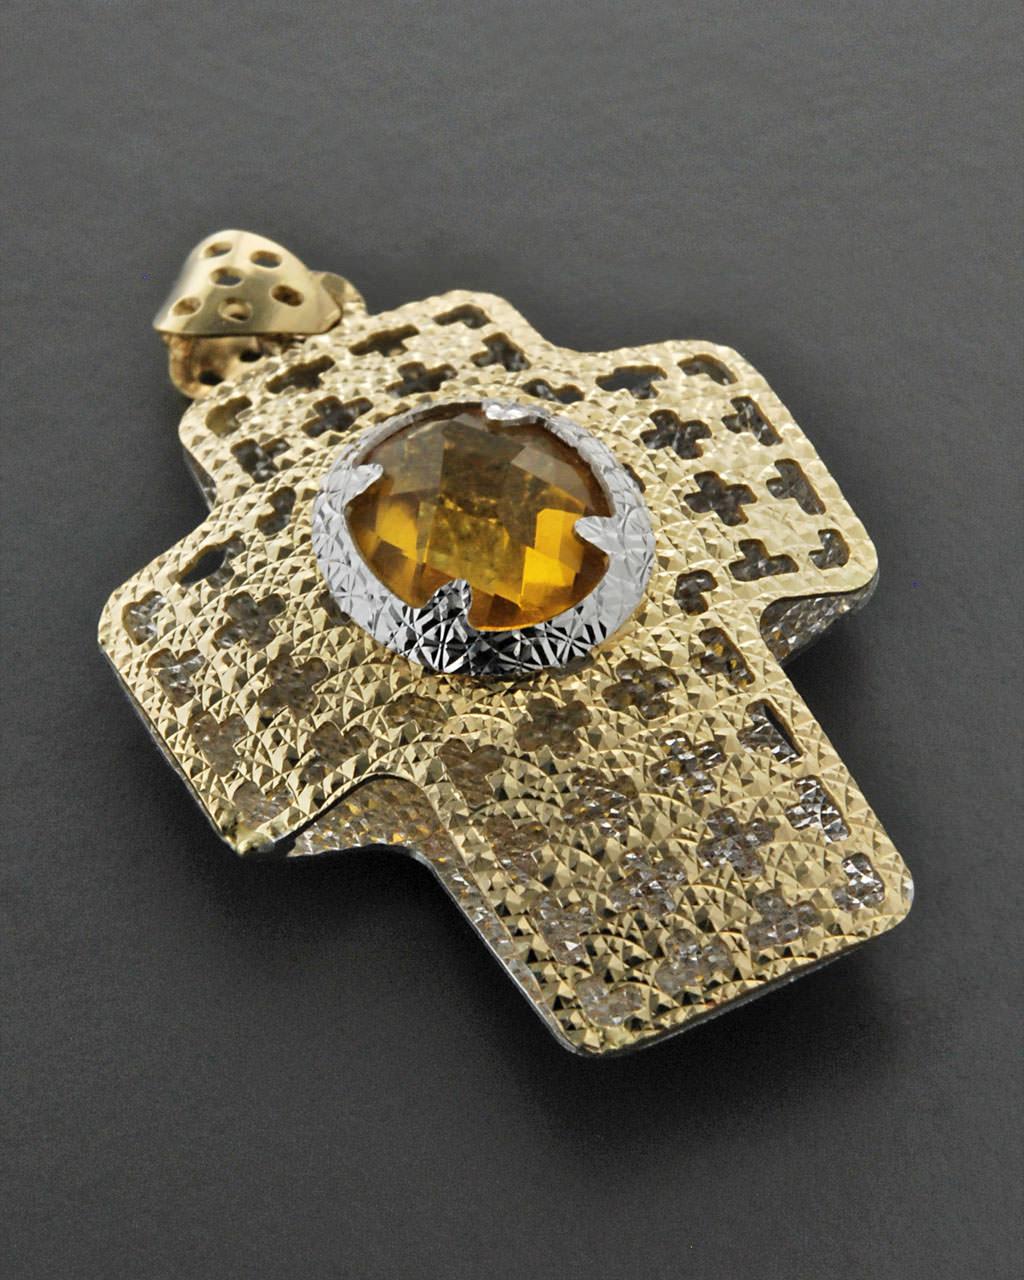 Σταυρός χρυσός & λευκόχρυσος Κ14 με Σιτρίνα   κοσμηματα σταυροί σταυροί χρυσοί